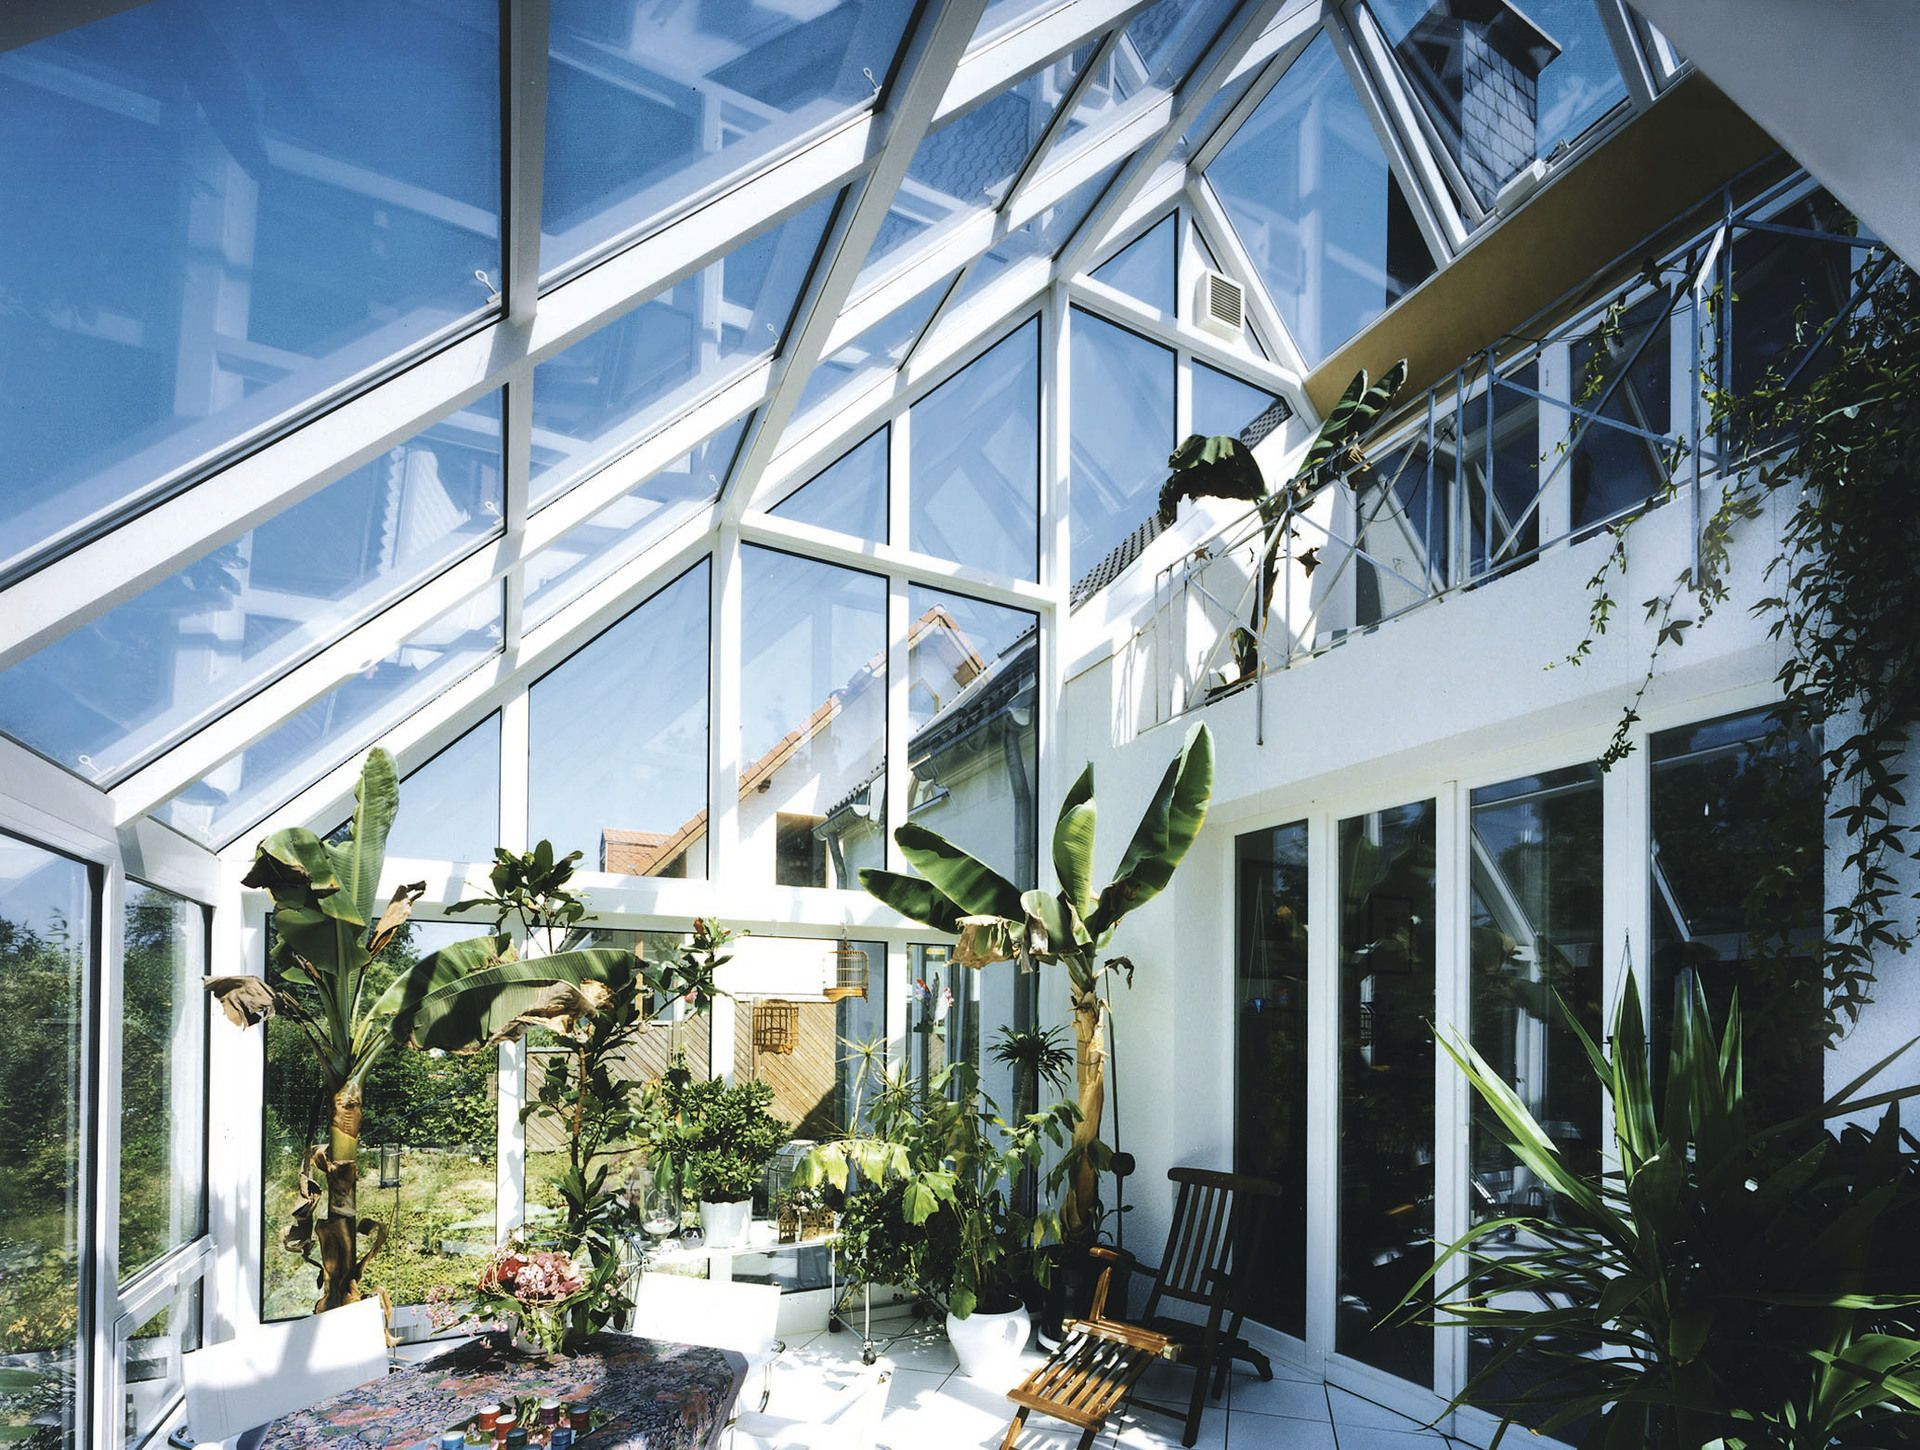 Zehn Besondere Wintergarten Bauemotion De